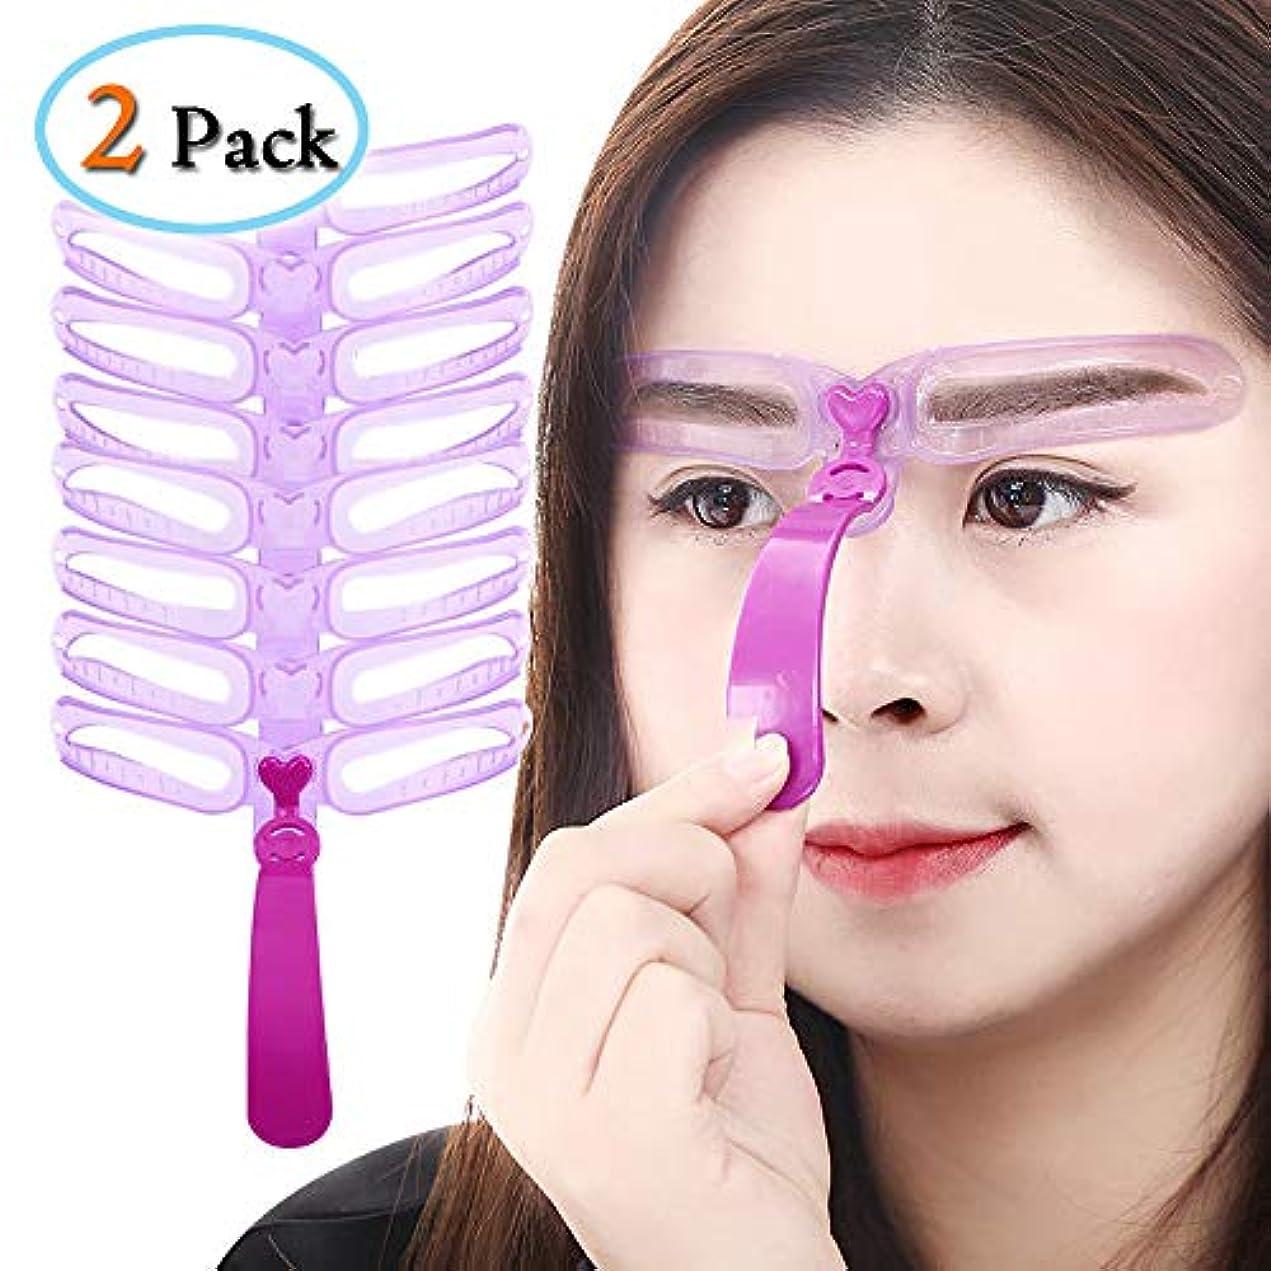 貸すトレードYuJiny 8種類 眉毛テンプレート 8パターン 眉毛を気分で使い分け 眉用ステンシル 美容ツール 男女兼用 2点セット